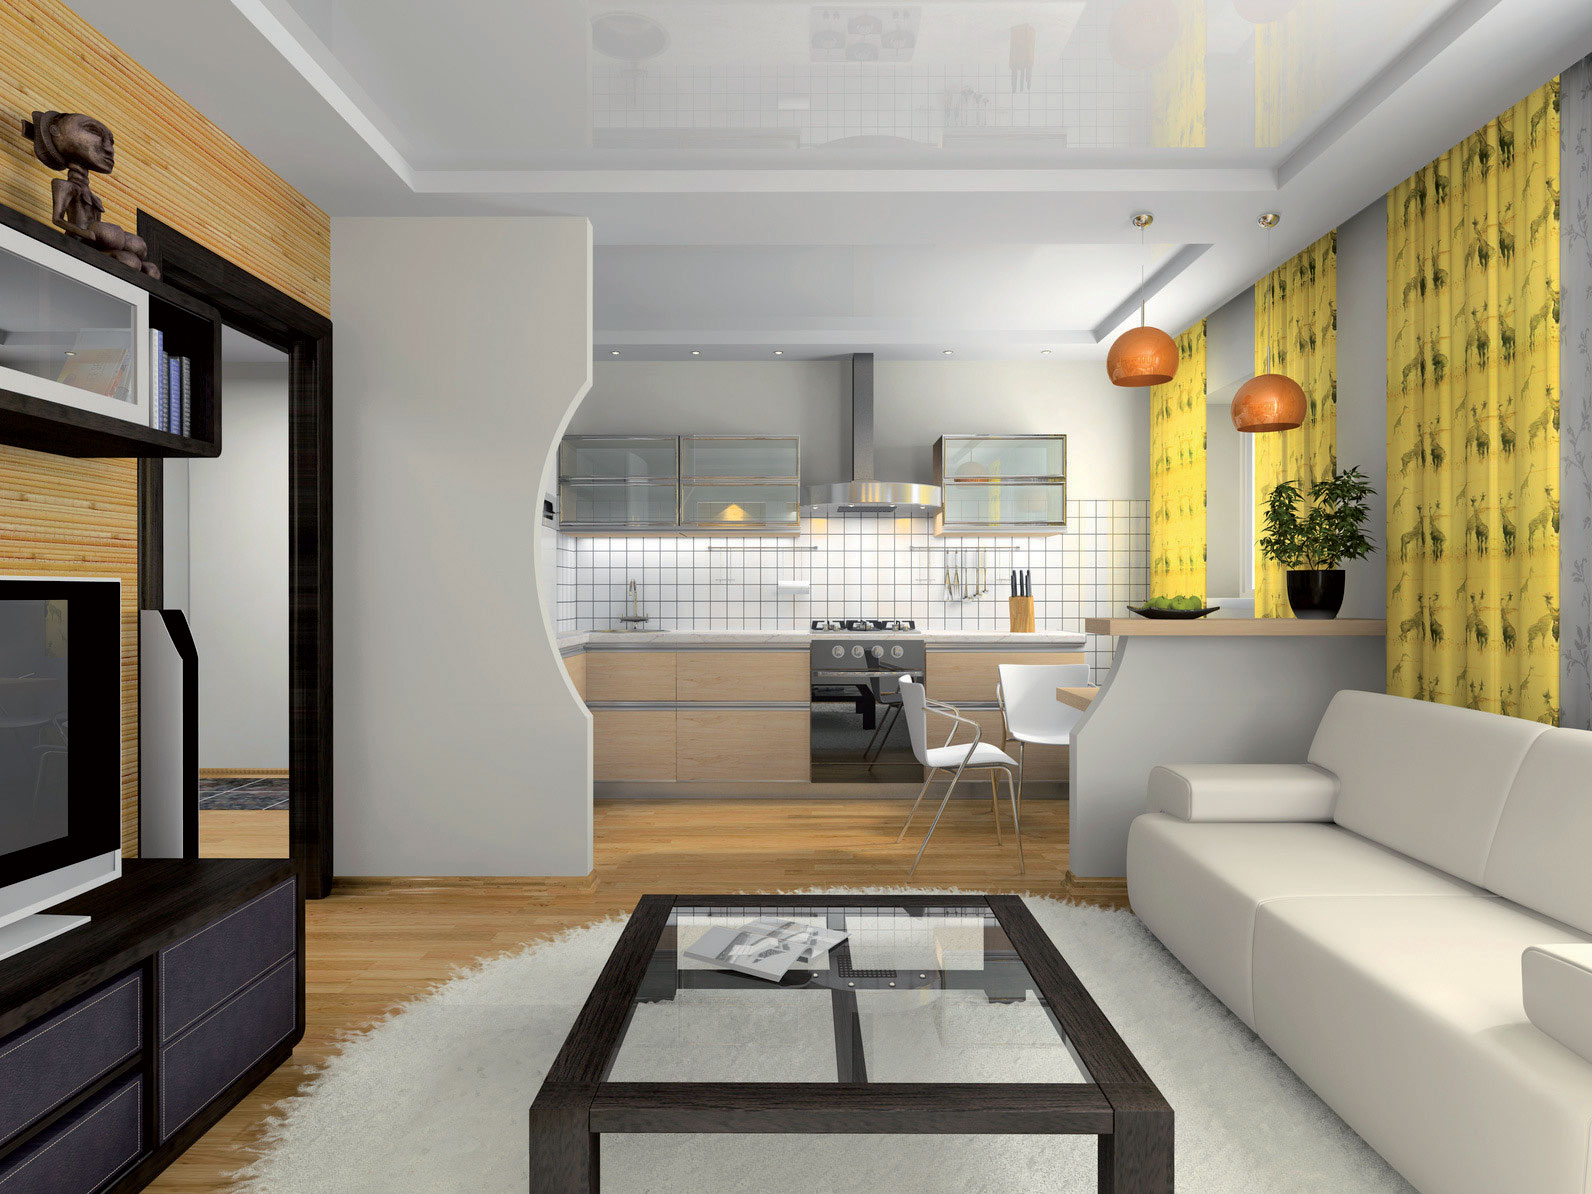 Дизайн дома фото 2018 современные идеи и общий вид участка